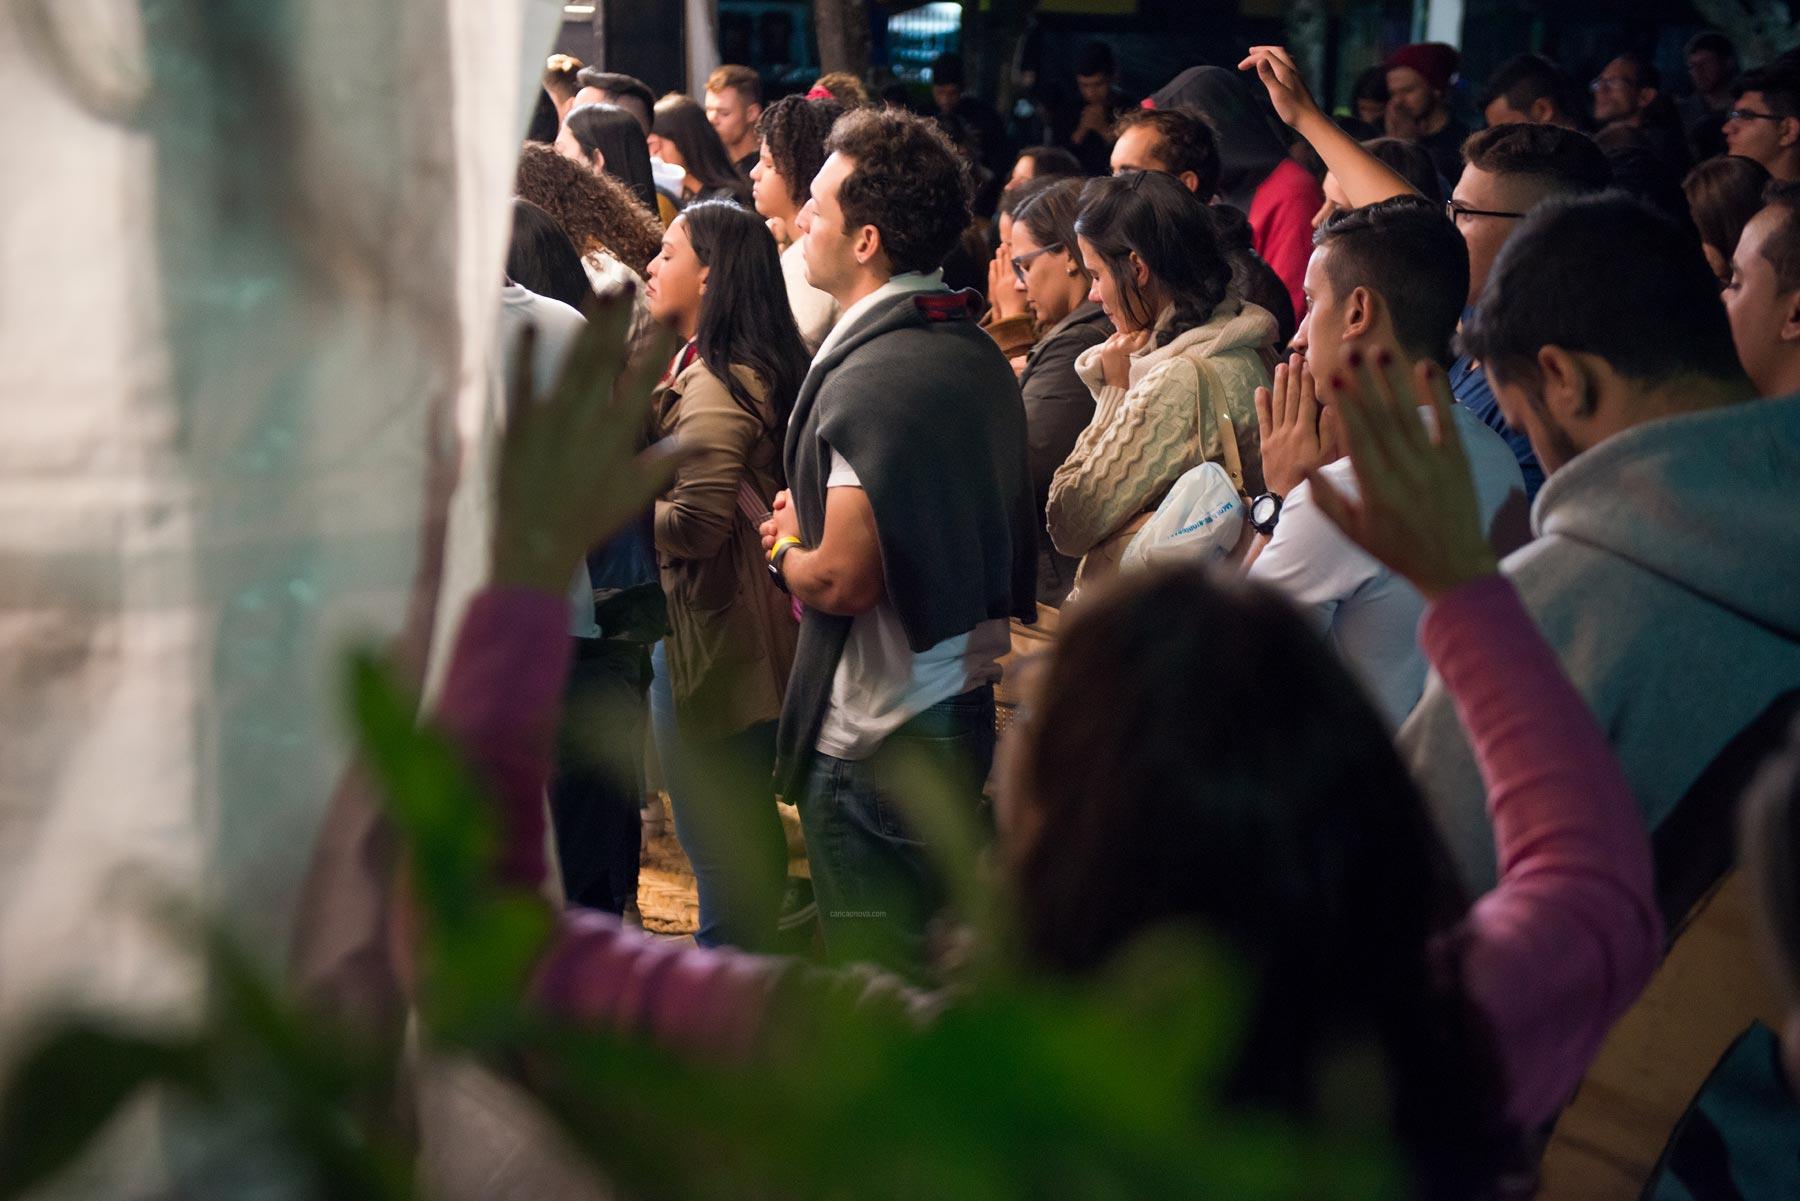 Chacara-santa-cruz--foto-Wesley-Almeida-(19)